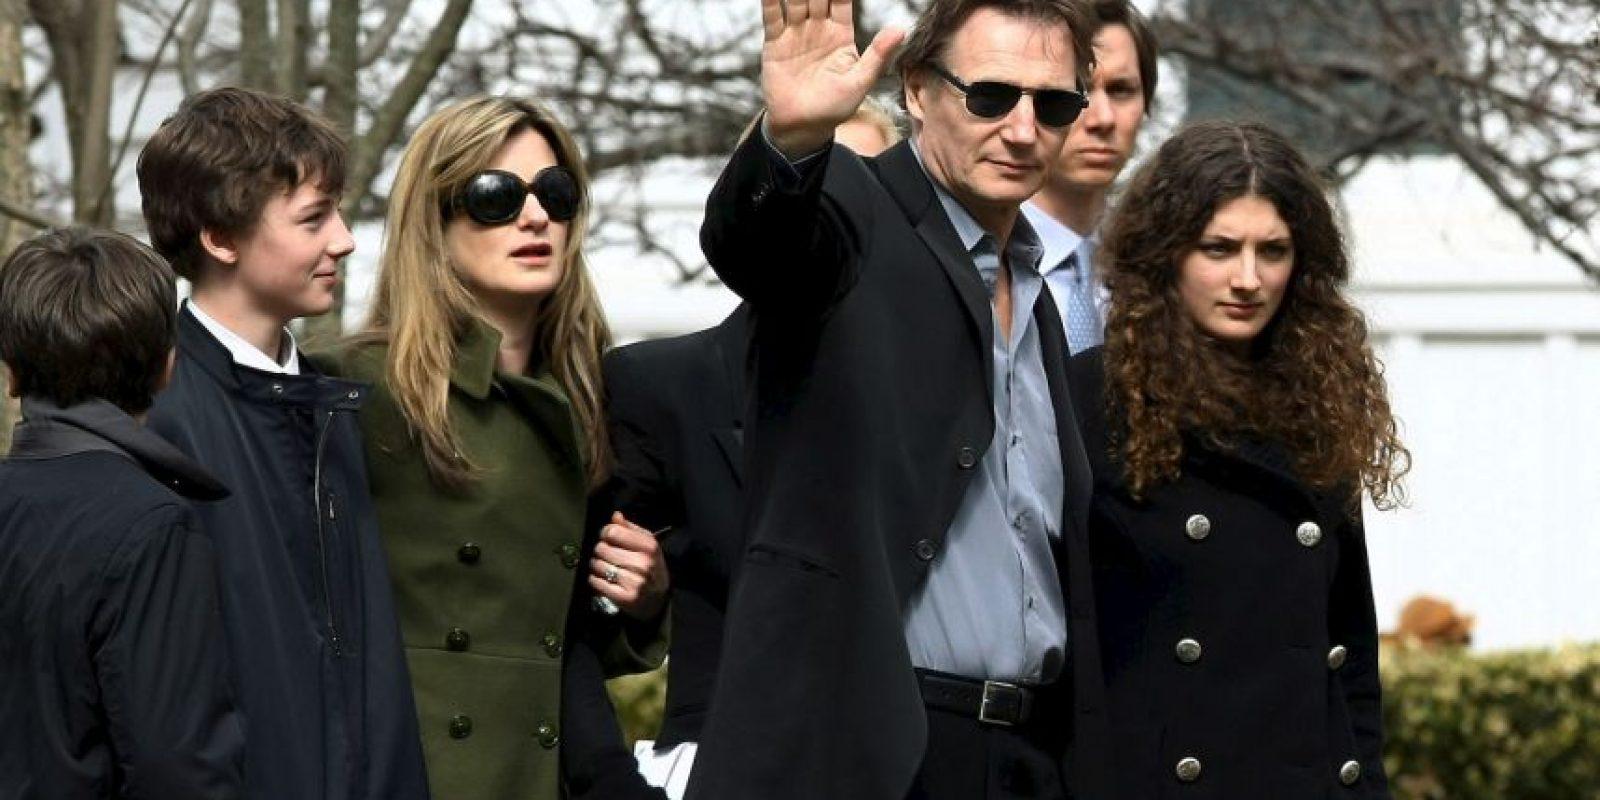 El actor Liam Neeson se convirtió en padre soltero en el 2009 Foto:Getty Images. Imagen Por: